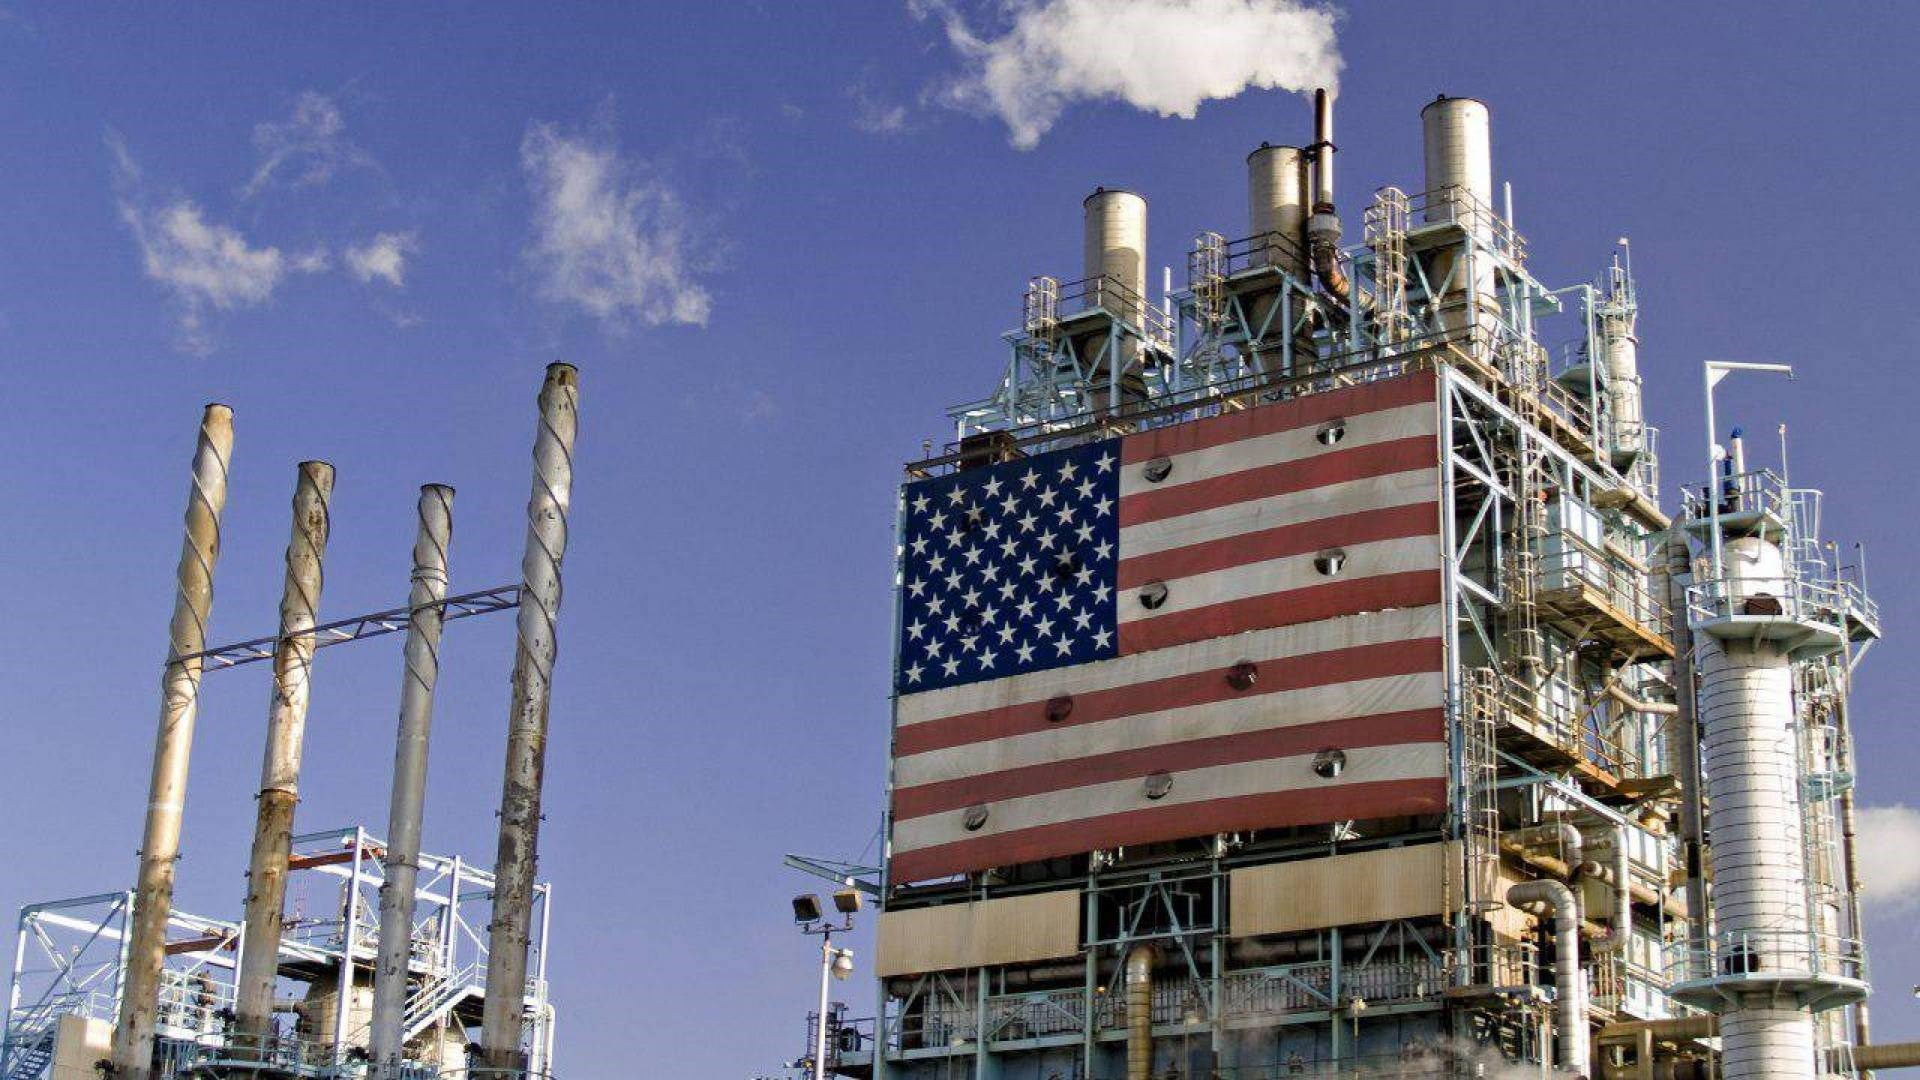 """النفط الأميركي يتكبّد أكبر خسارة أسبوعية منذ """"حرب الخليج"""""""